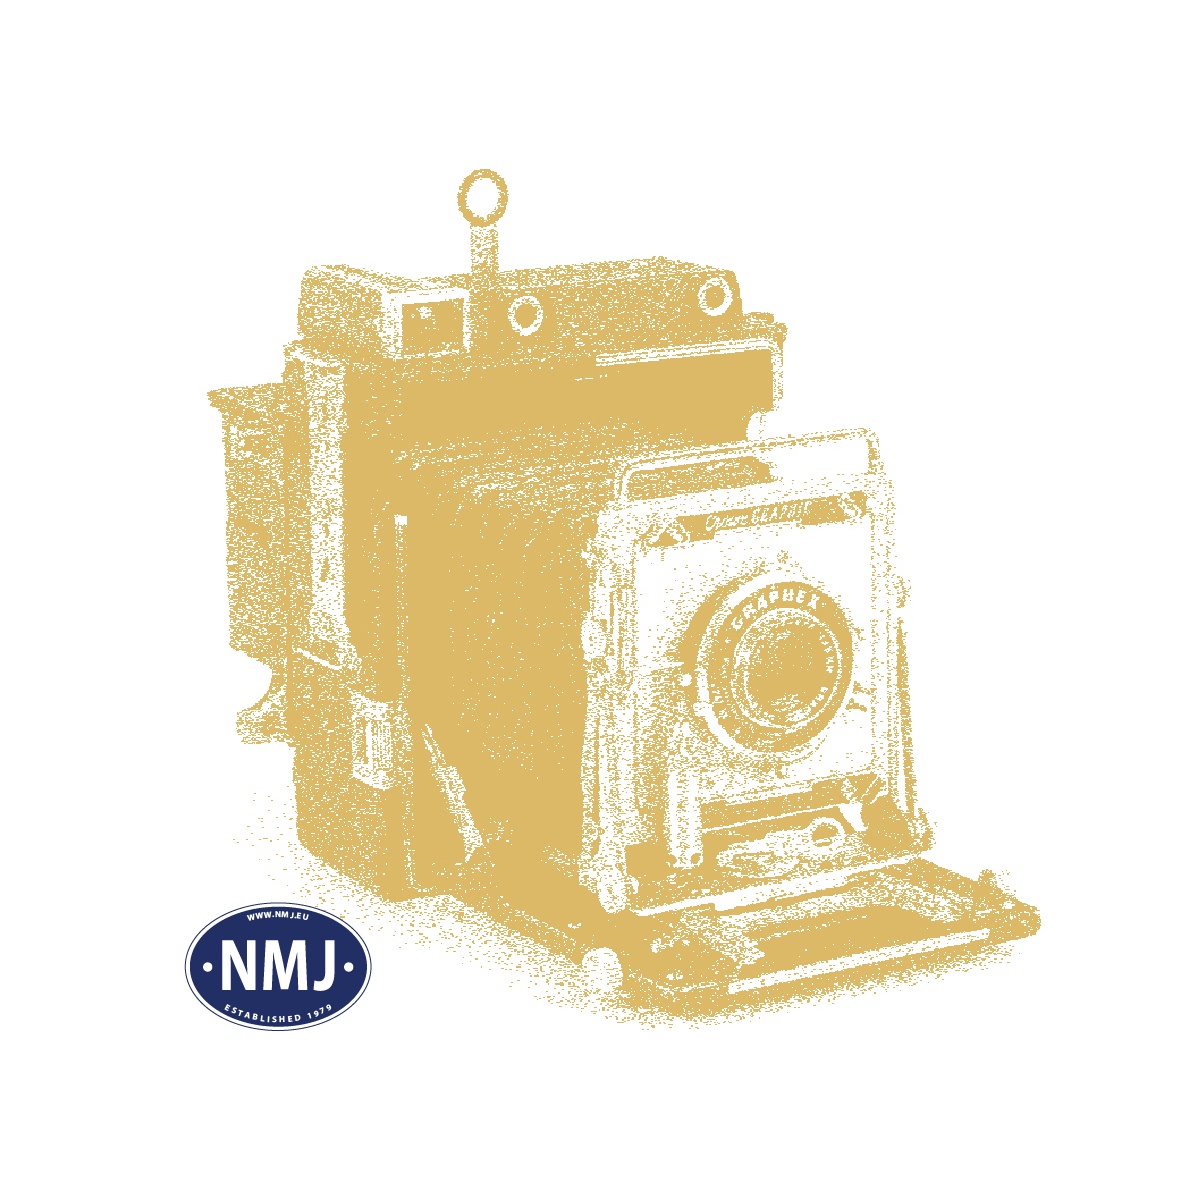 NOC14800 - Tilbehør for hagen